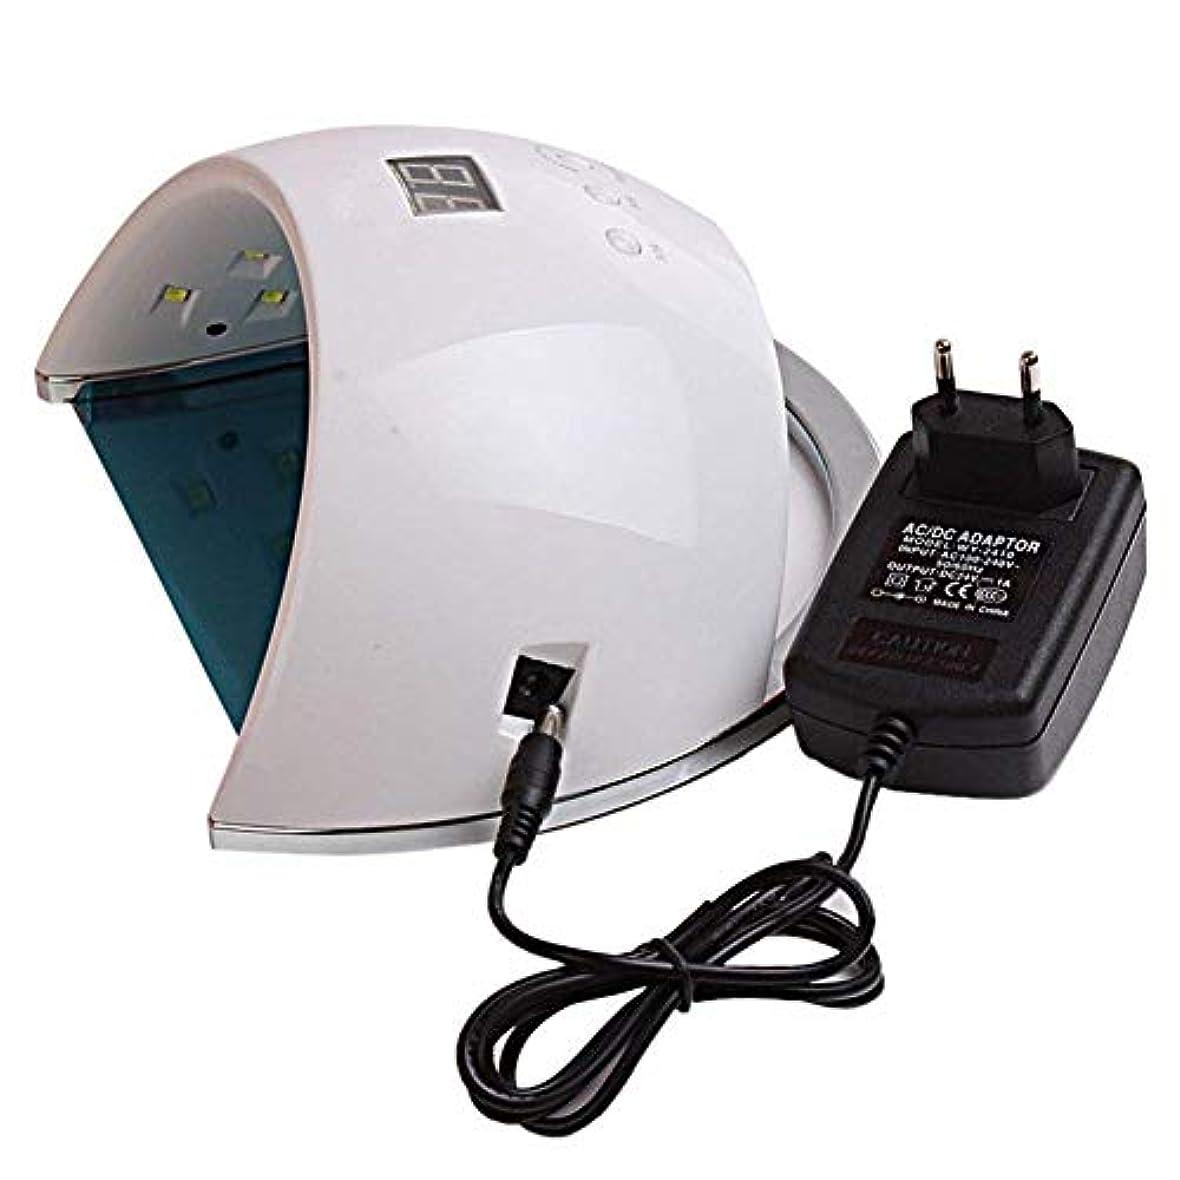 願うスタイル経歴ネイルドライヤーランプ用ネイル48W SUN6 UV LEDランプポータブル高品質ネイルドラムセンサーとLCD硬化UVネイルジェルネイルツールufランプ、画像としての色